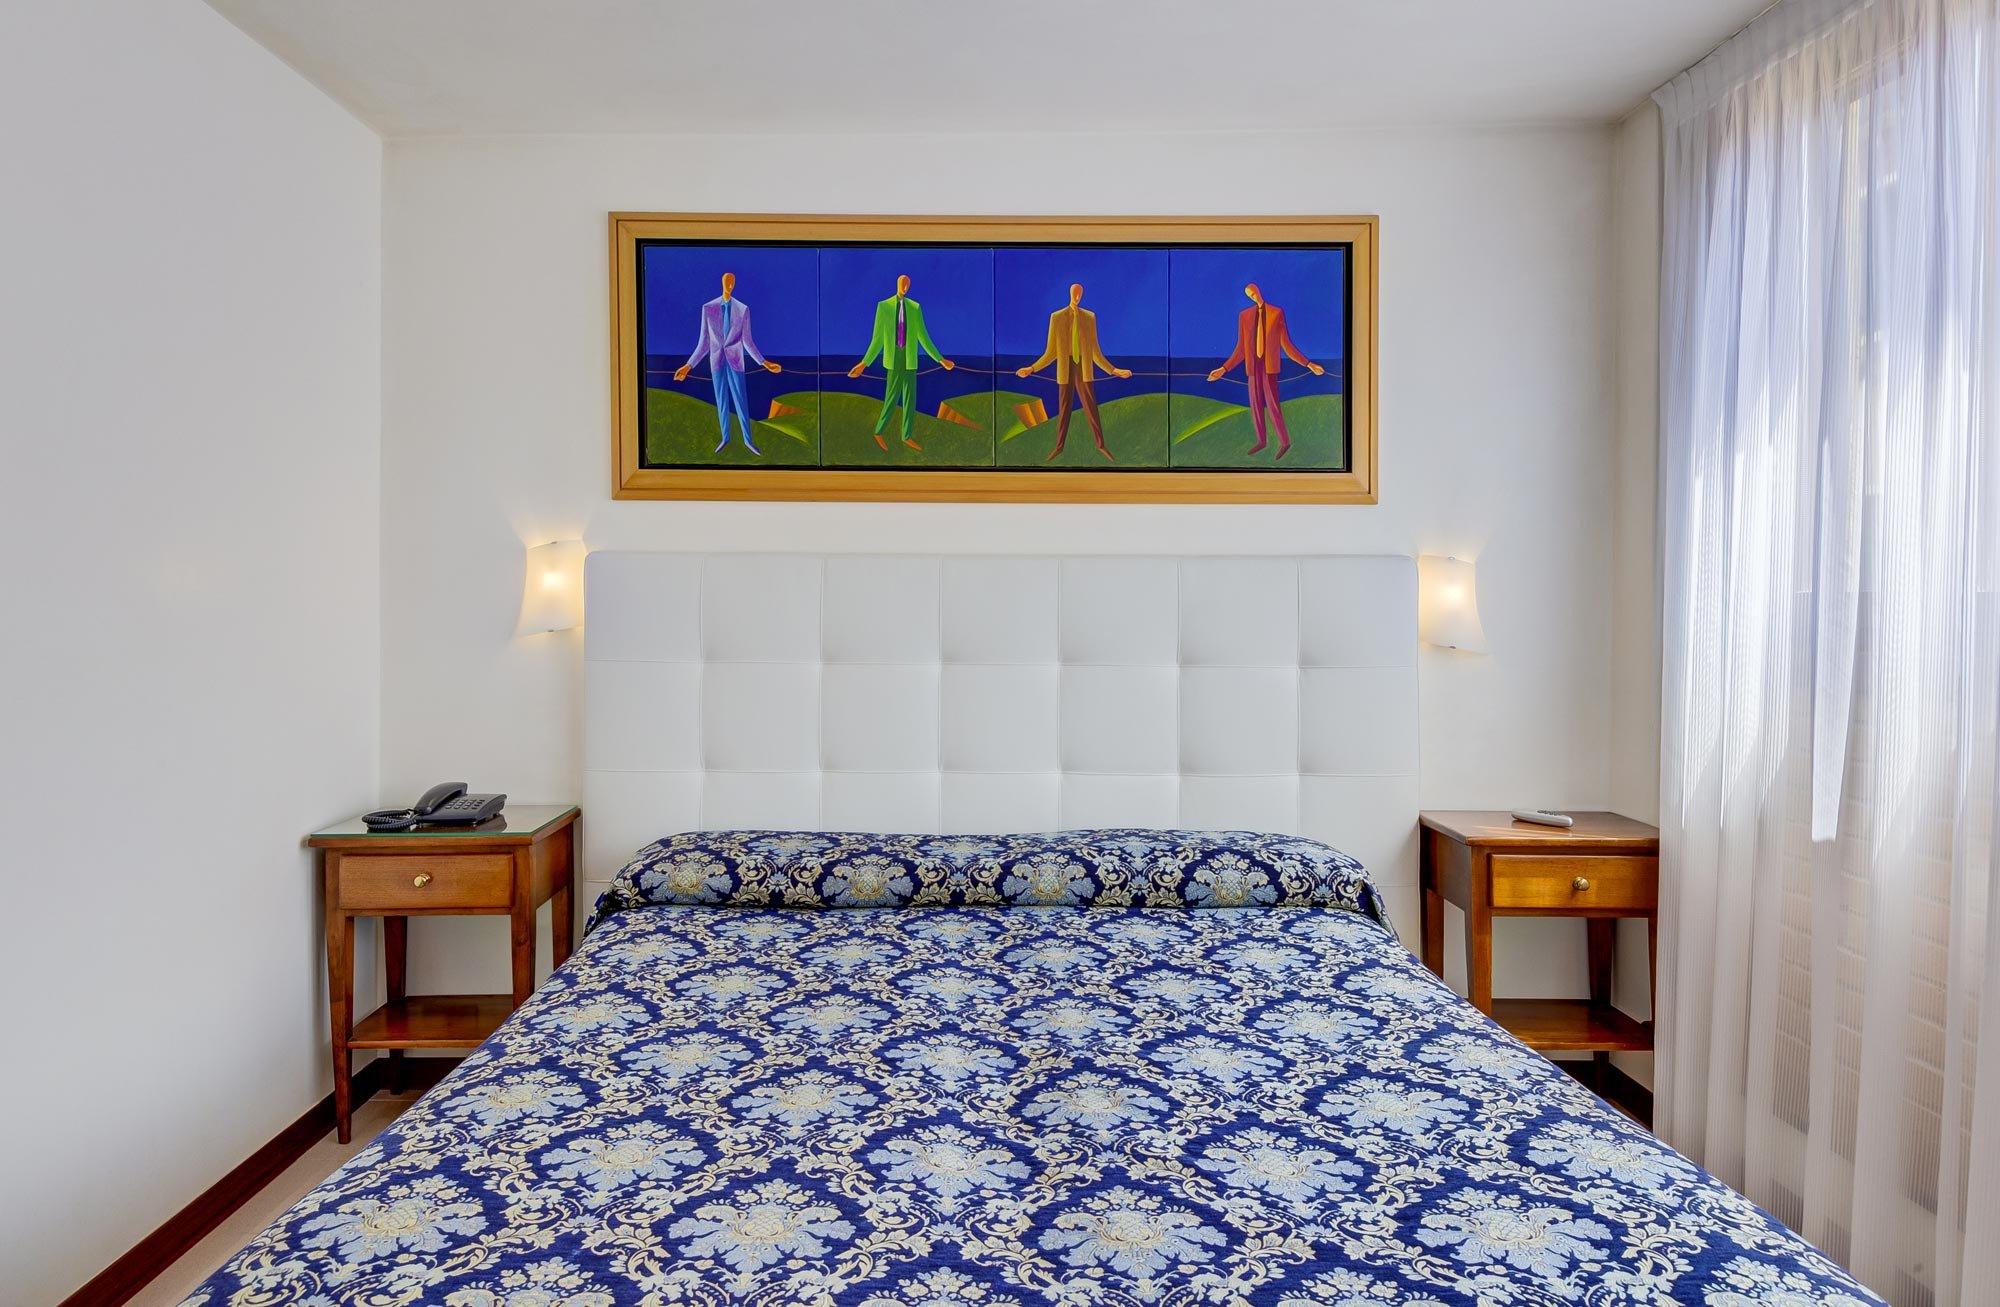 ホテル エスペリア ヴェネチア